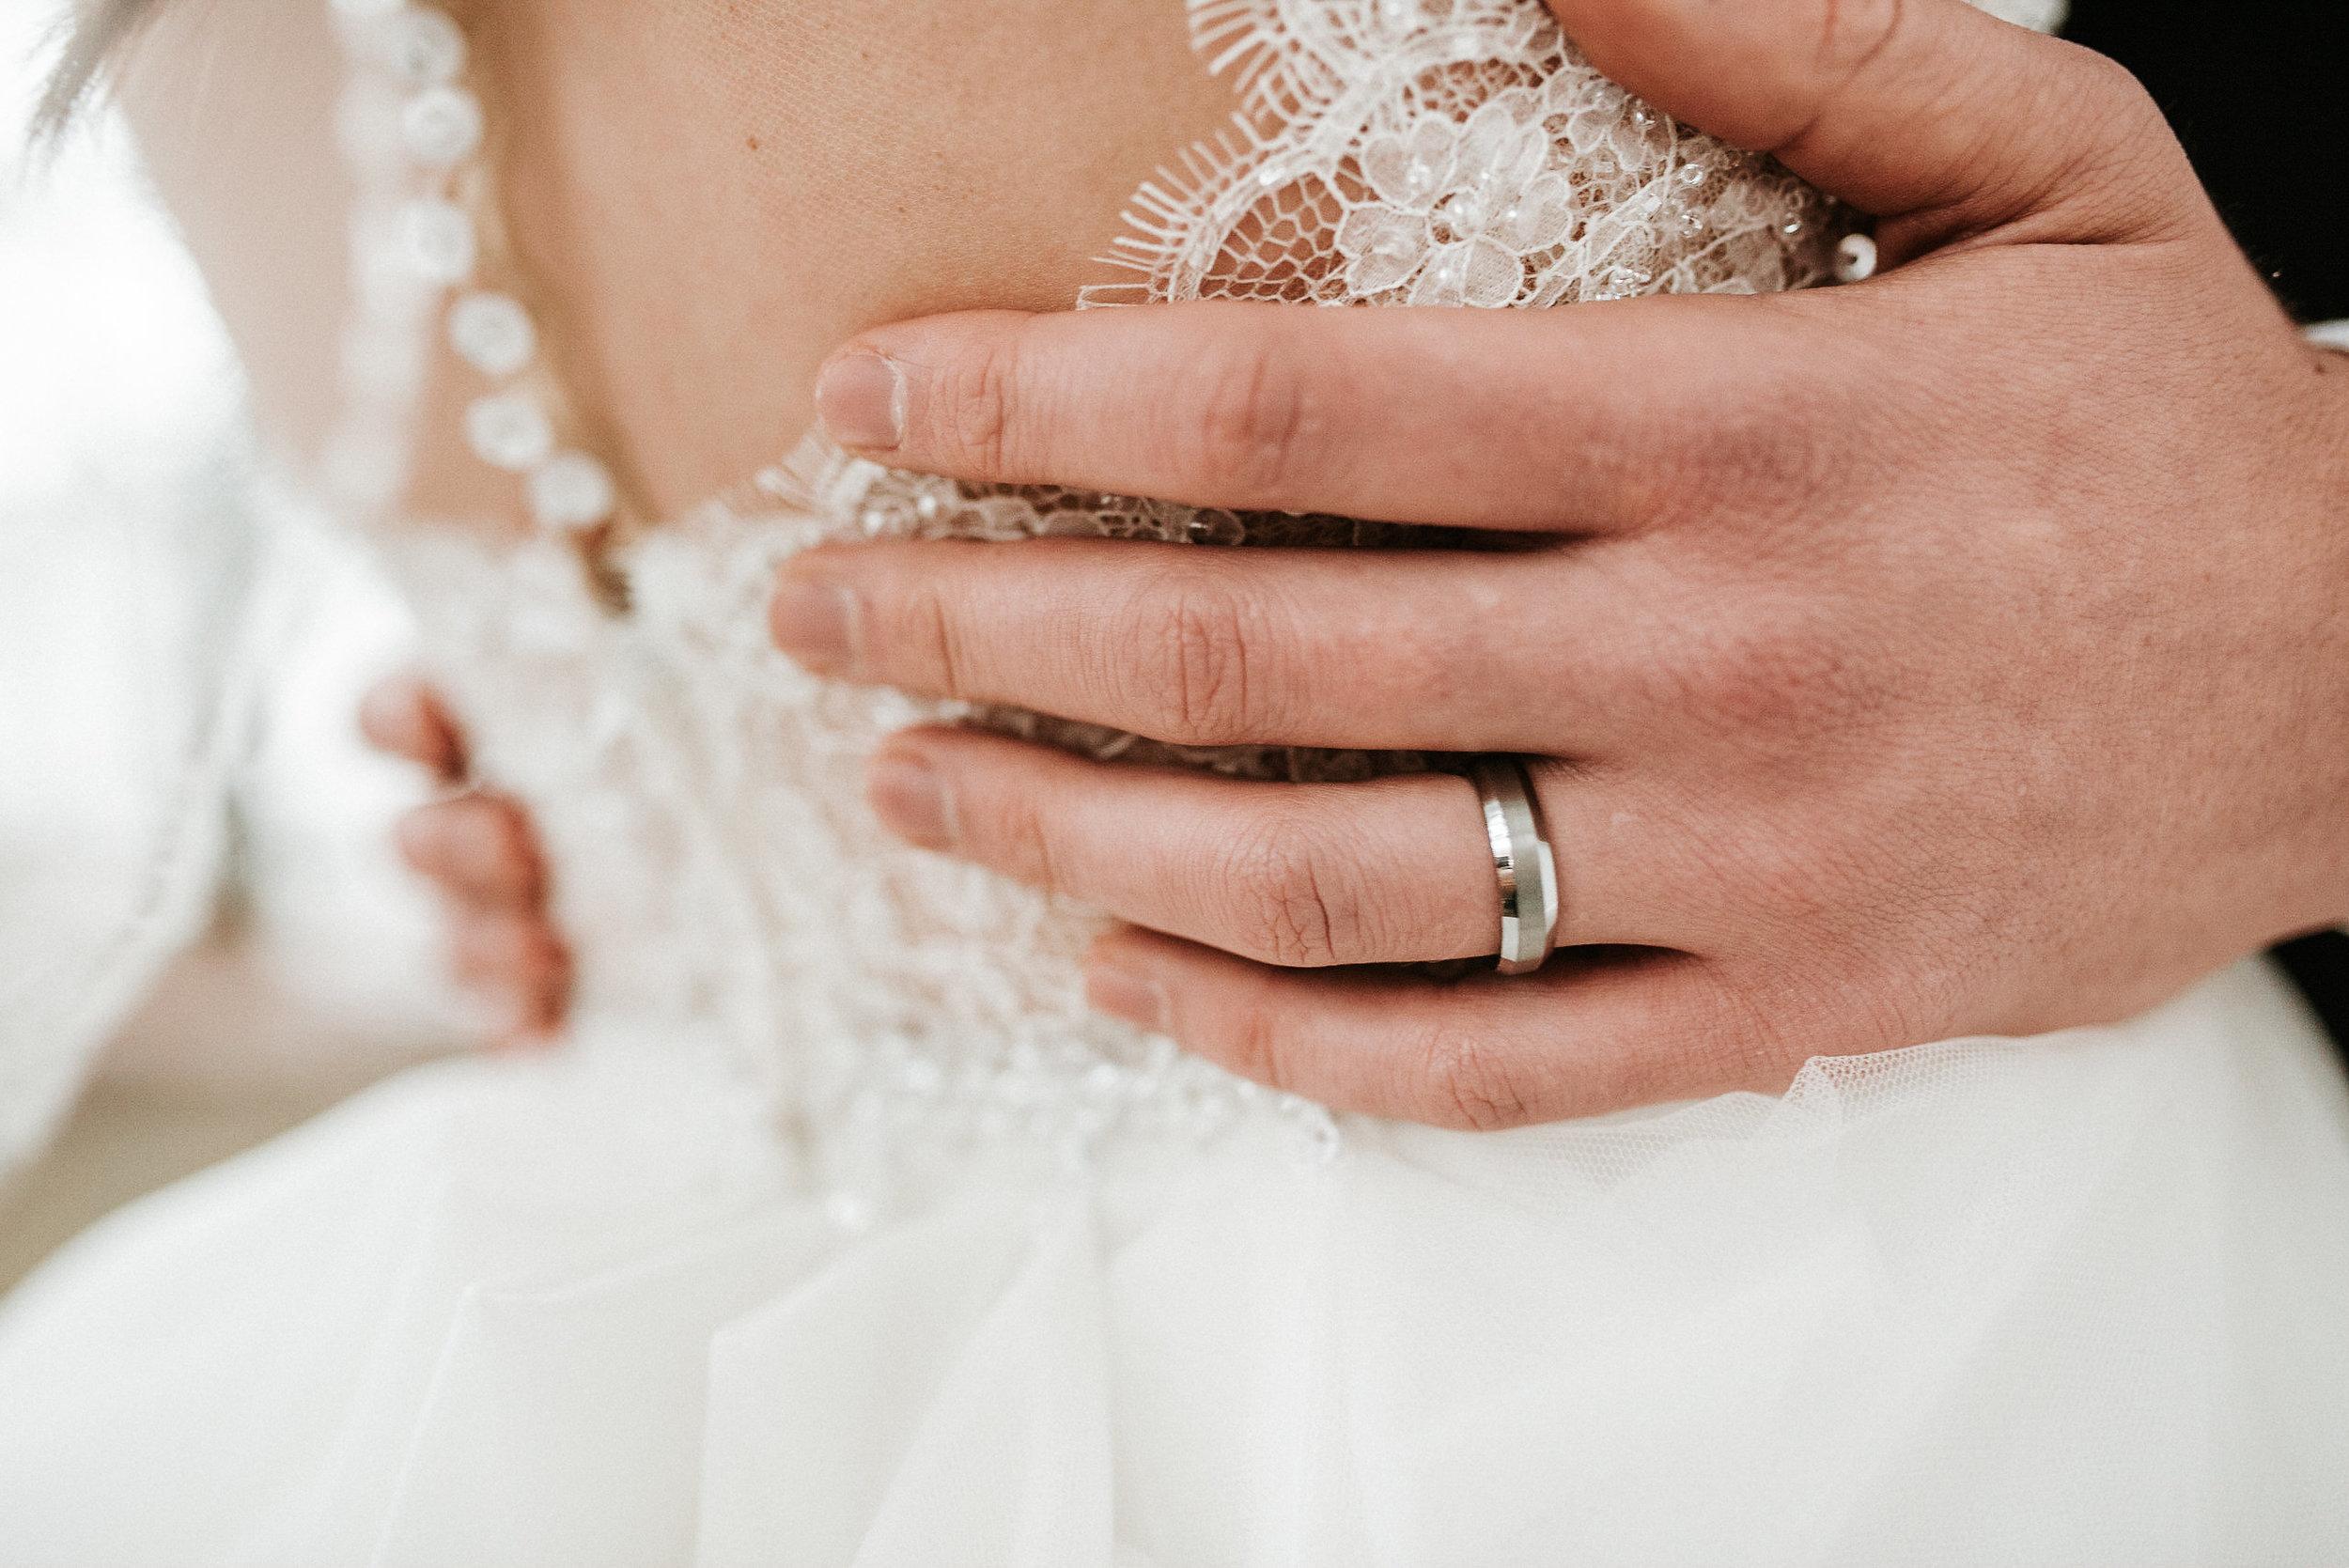 Groom's hands on bride's waist